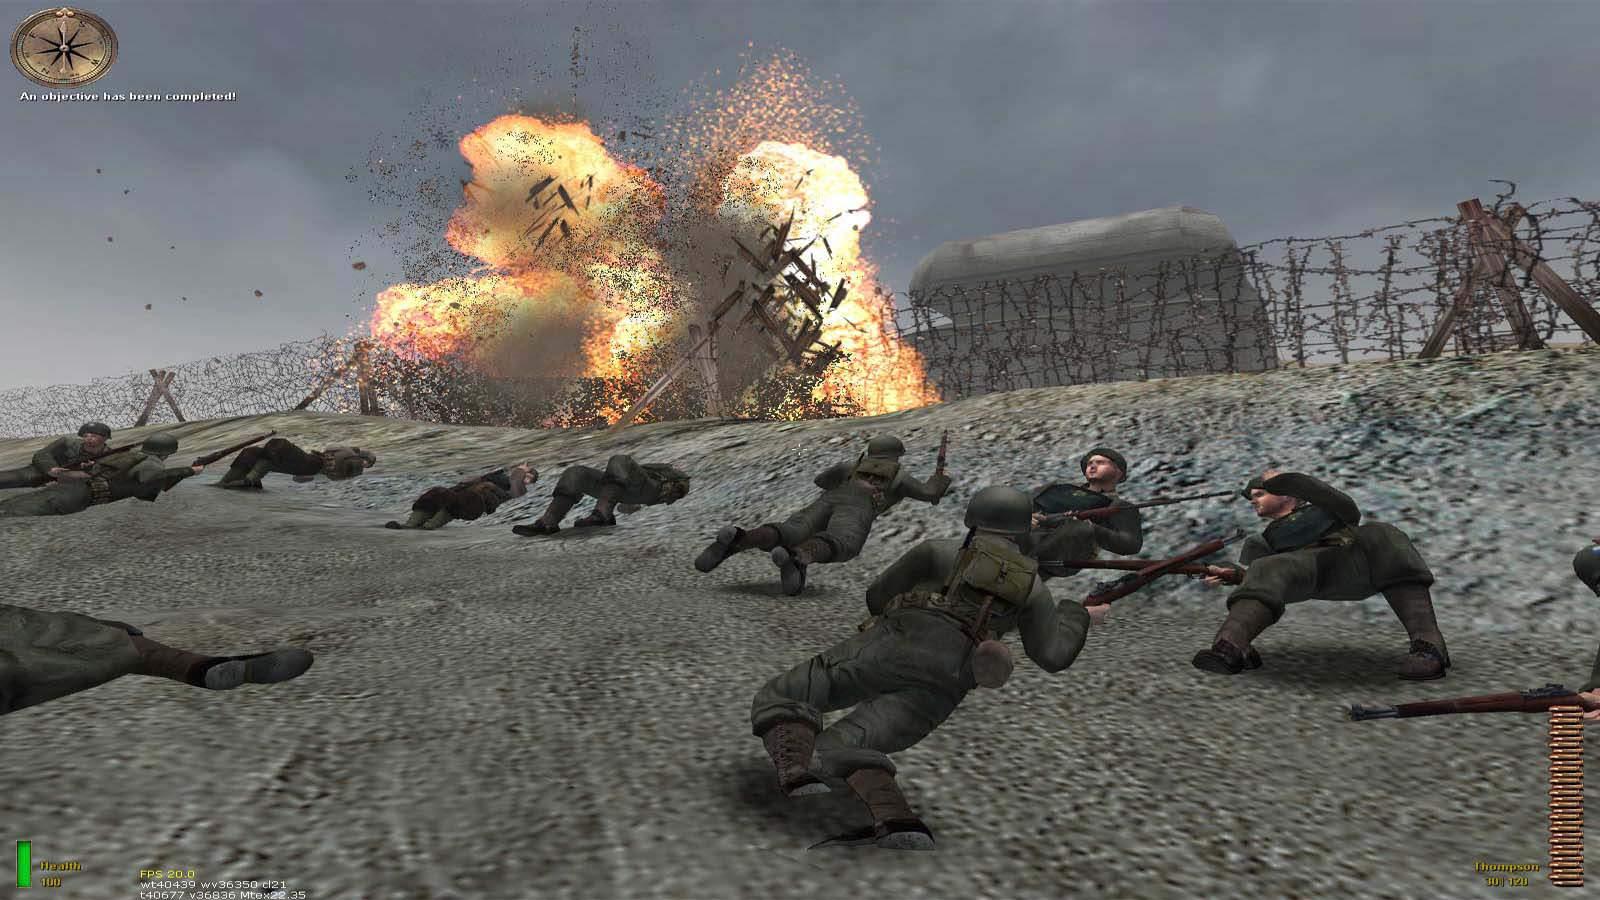 تحميل لعبة Medal Of Honor Allied Assault مضغوطة كاملة بروابط مباشرة مجانا